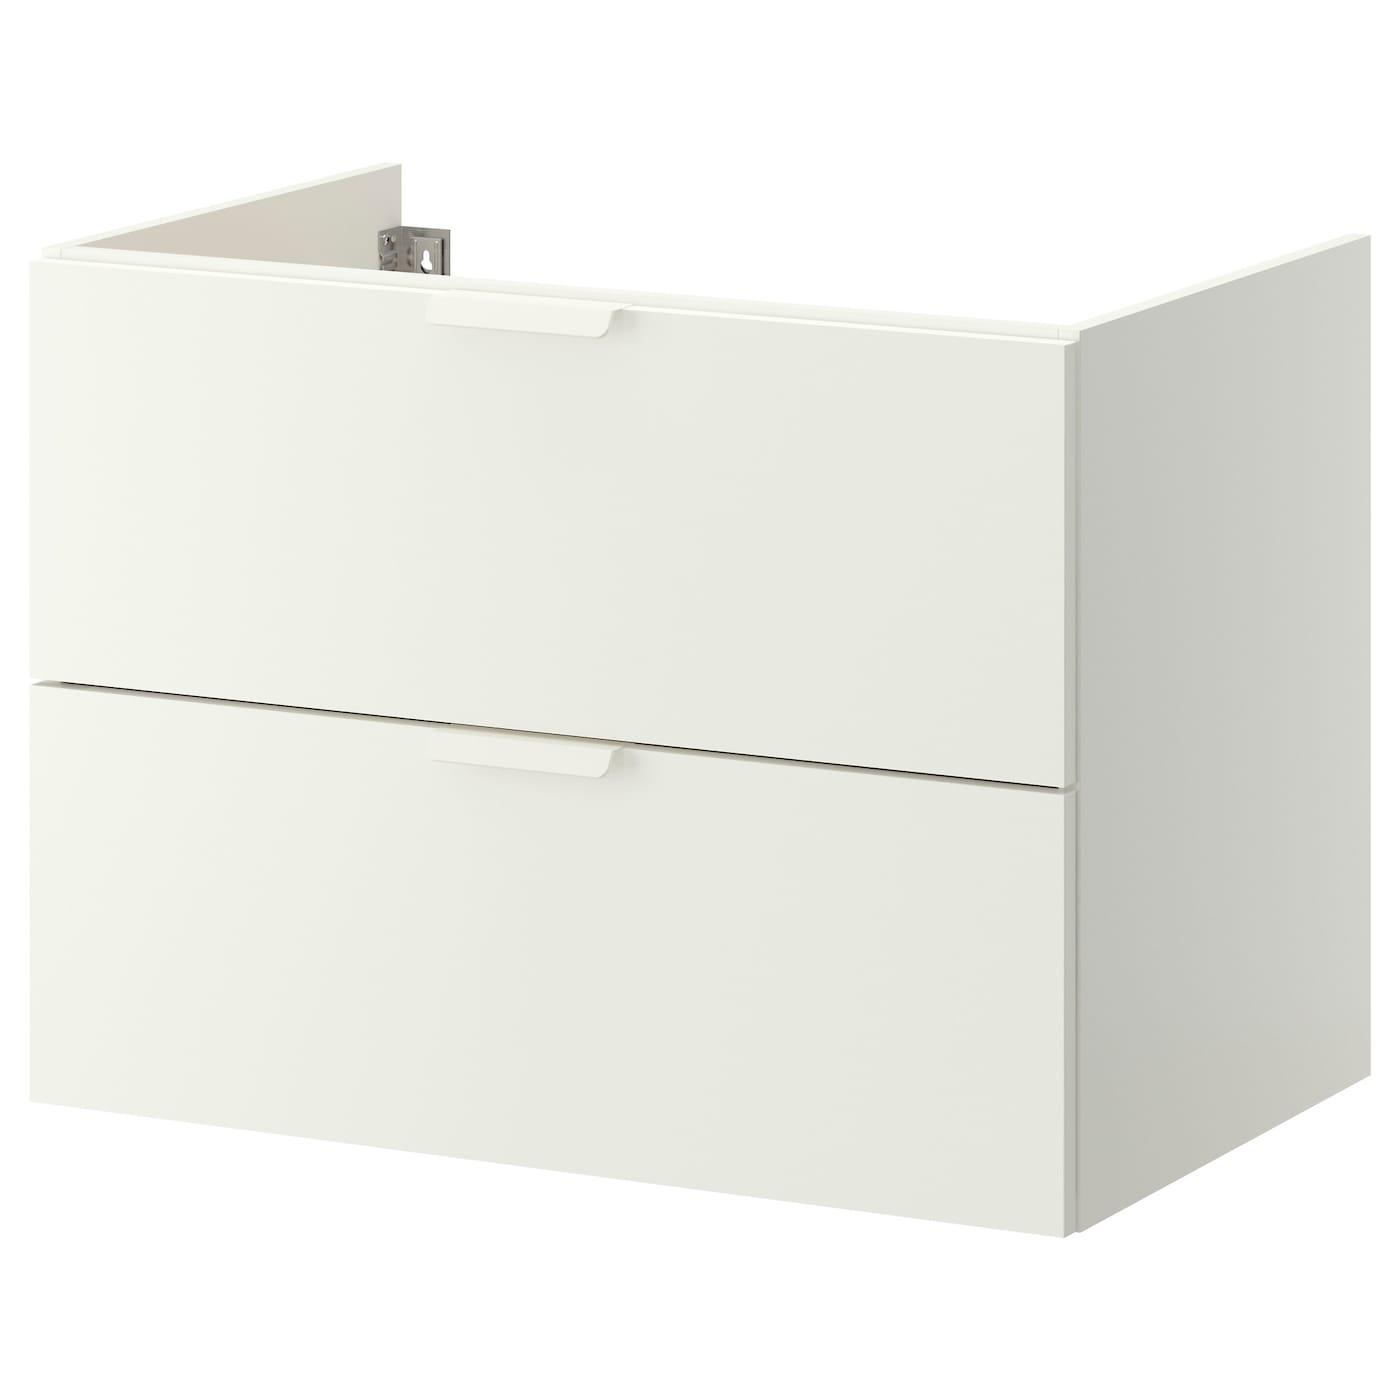 IKEA GODMORGON biała szafka pod umywalkę z dwiema szufladami, 80x47x58 cm